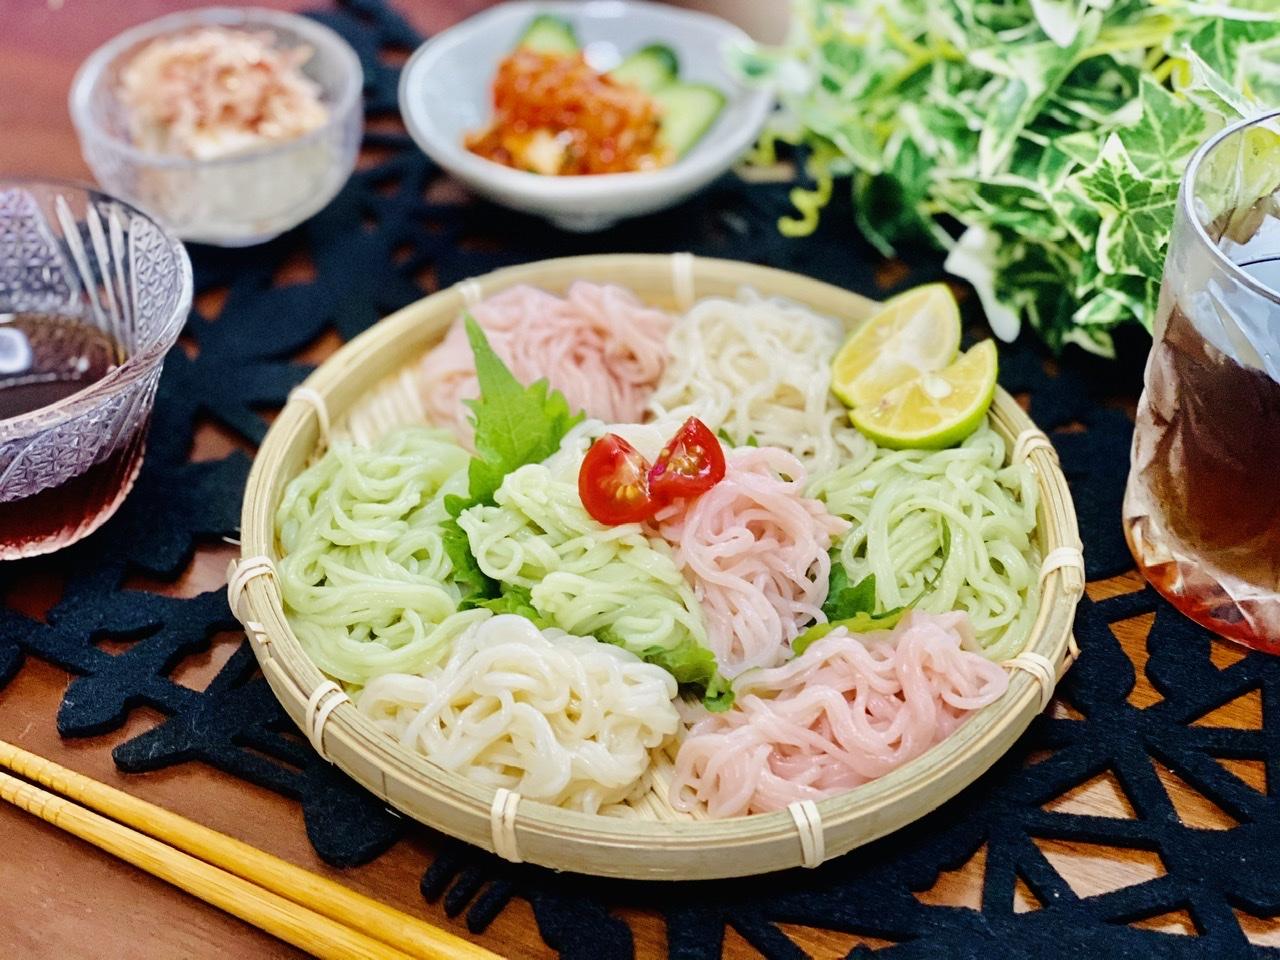 【おうちごはん】いつもの素麺に飽きたときはコレ!《カラフル素麺》で食卓がパッと華やかに♡_4